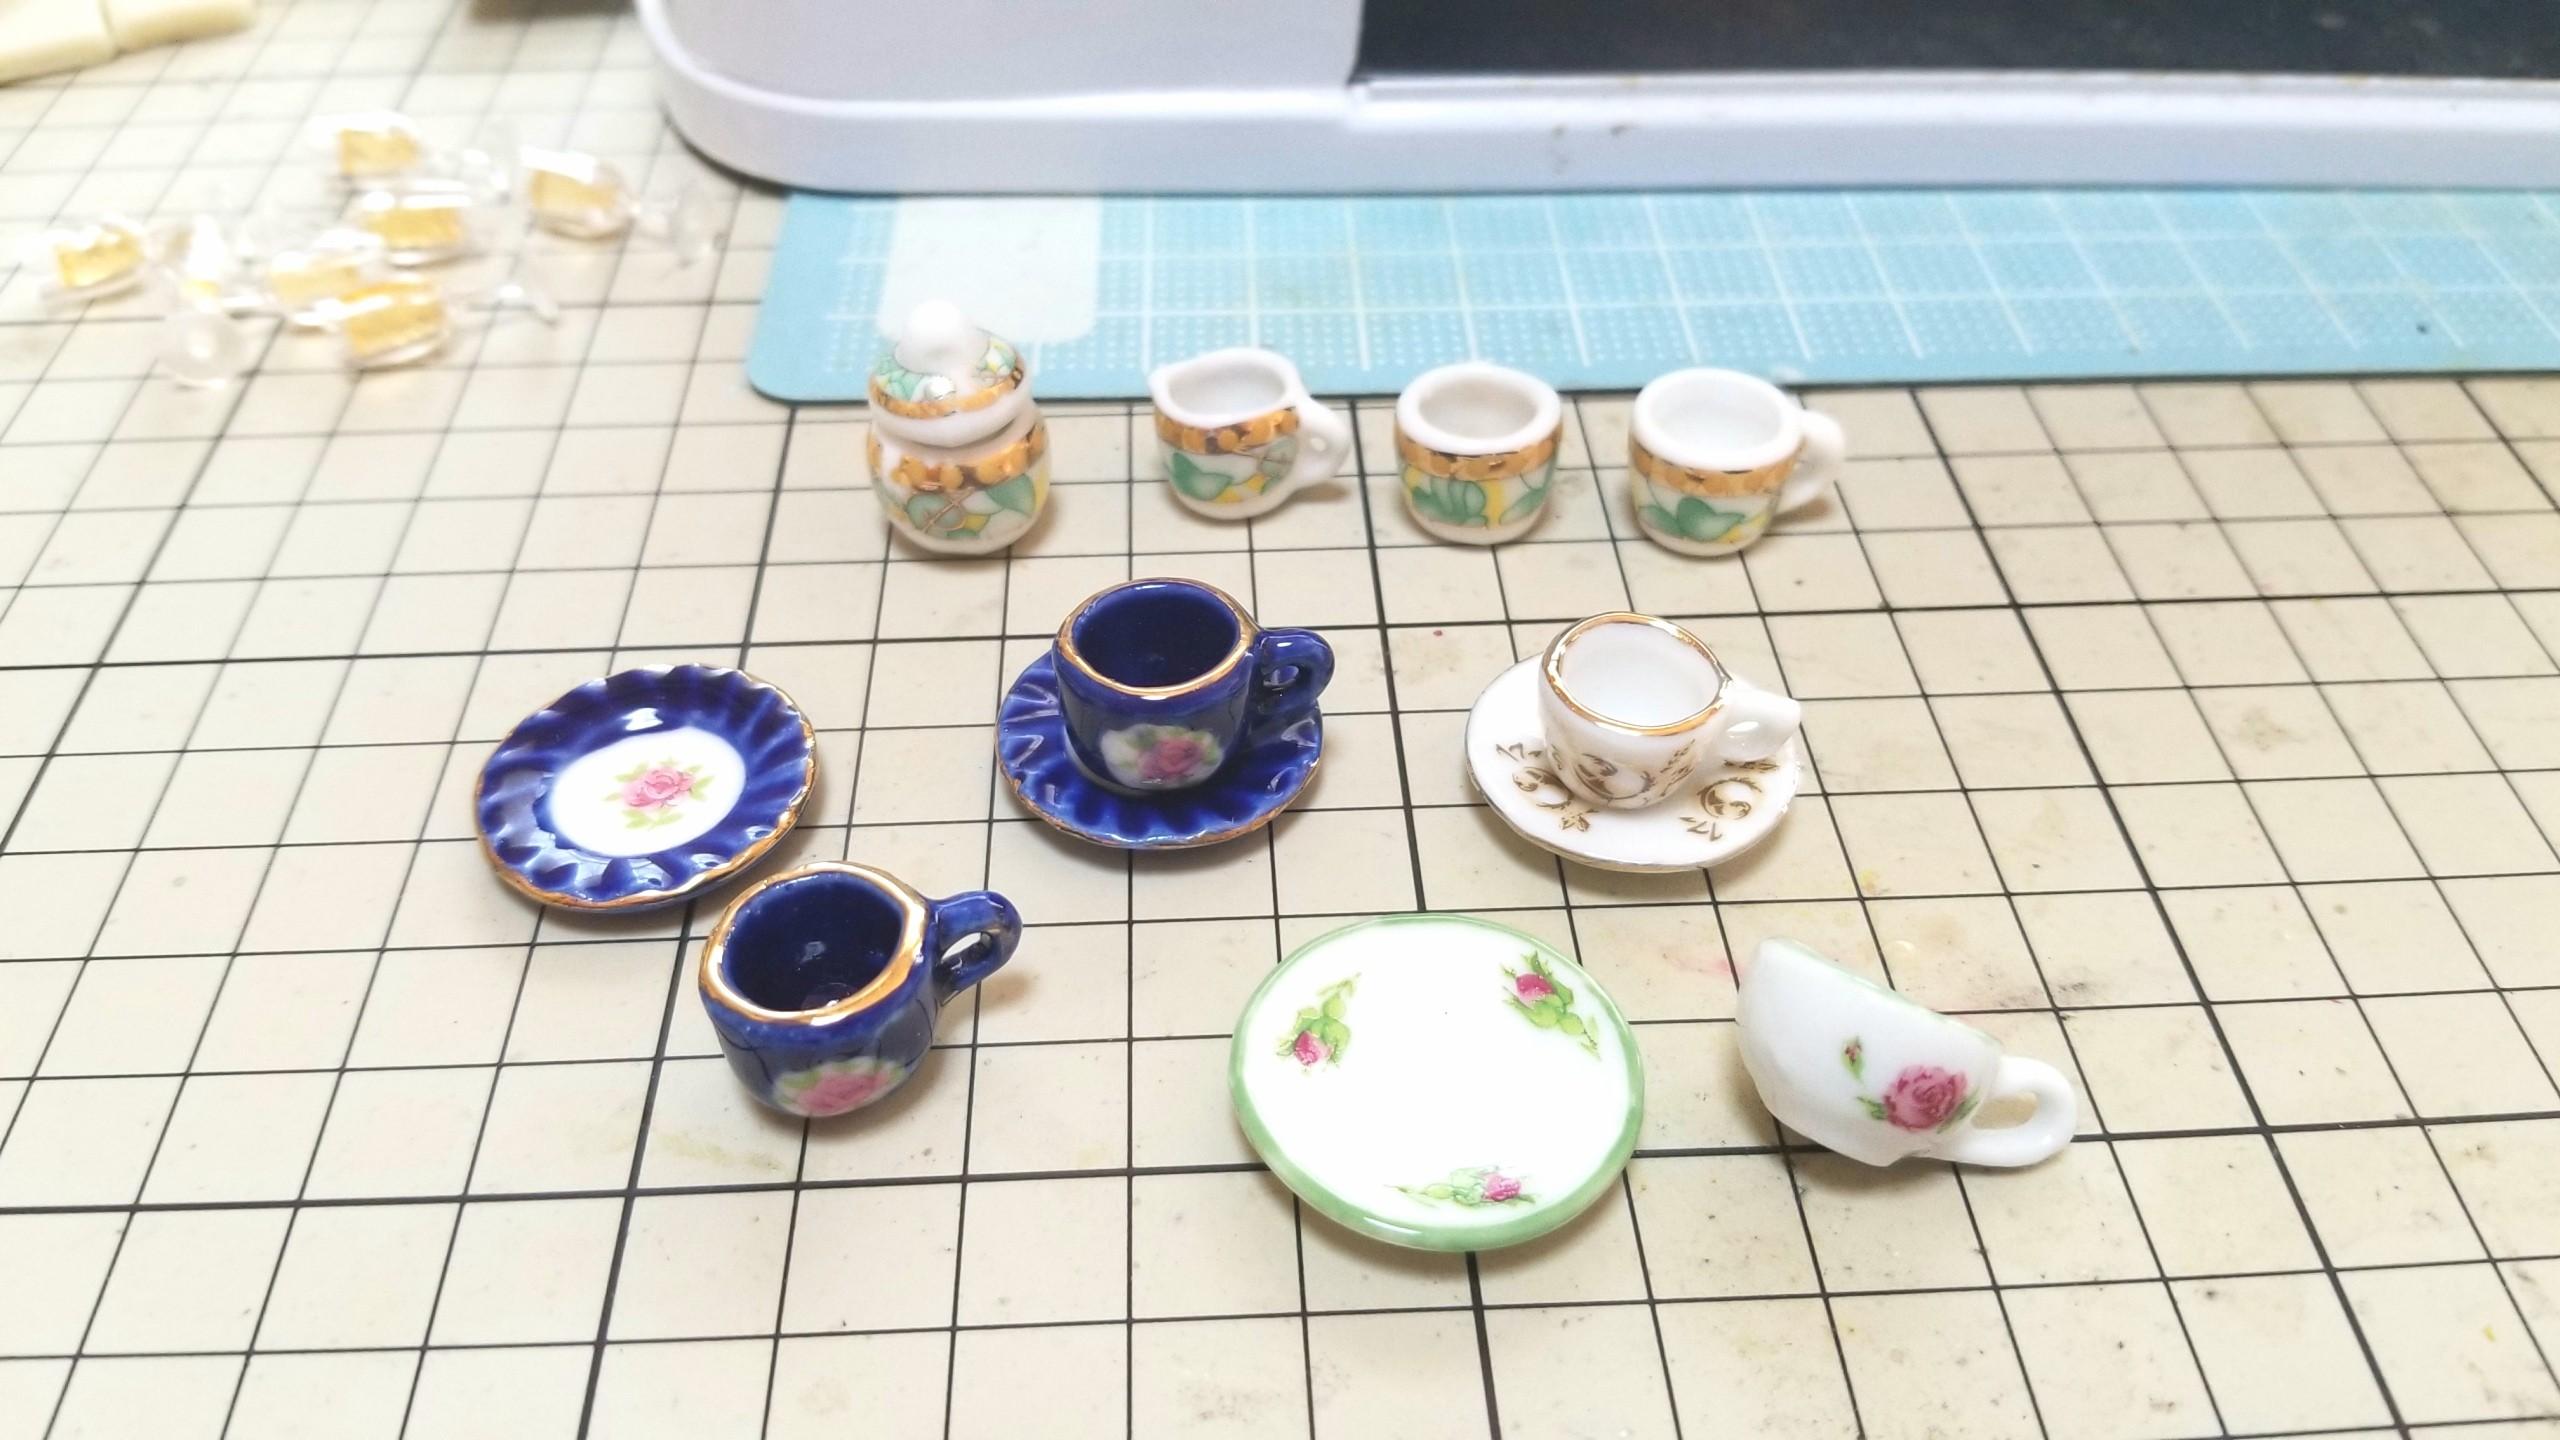 ミニチュア陶器のティーカップセット,お洒落なドール用小物おもちゃ